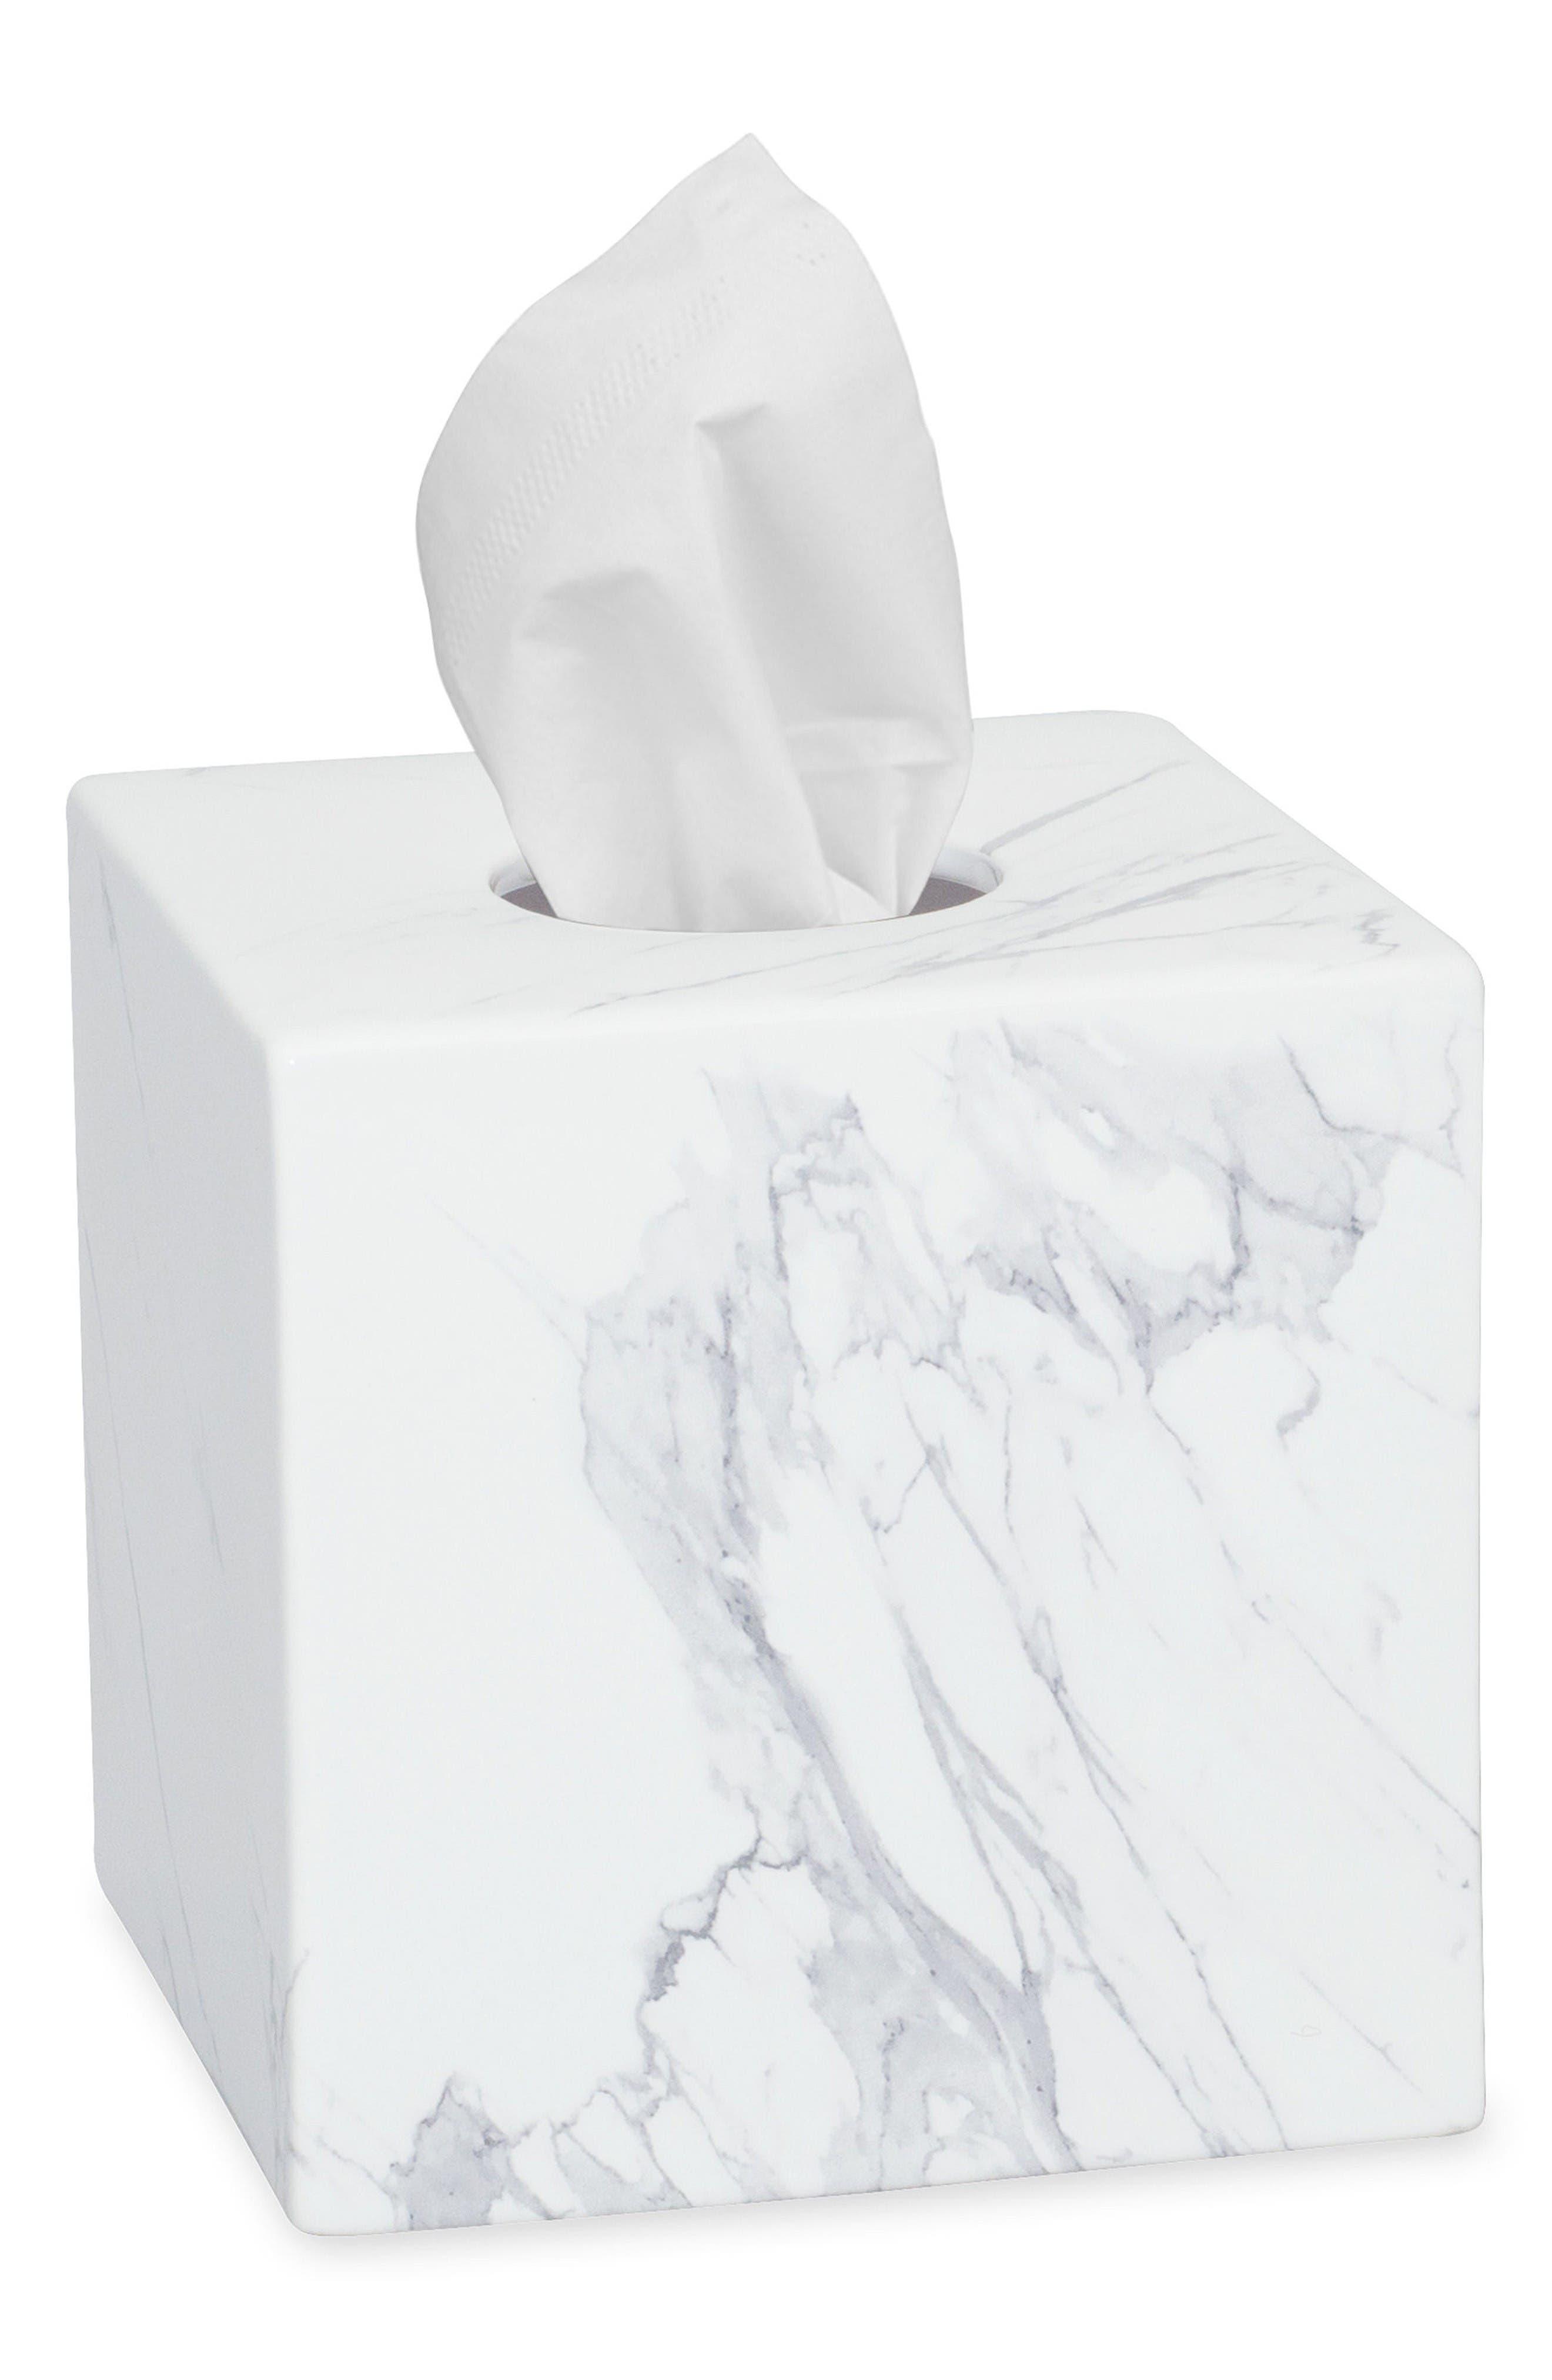 DKNY Mixed Media Tissue Box Cover